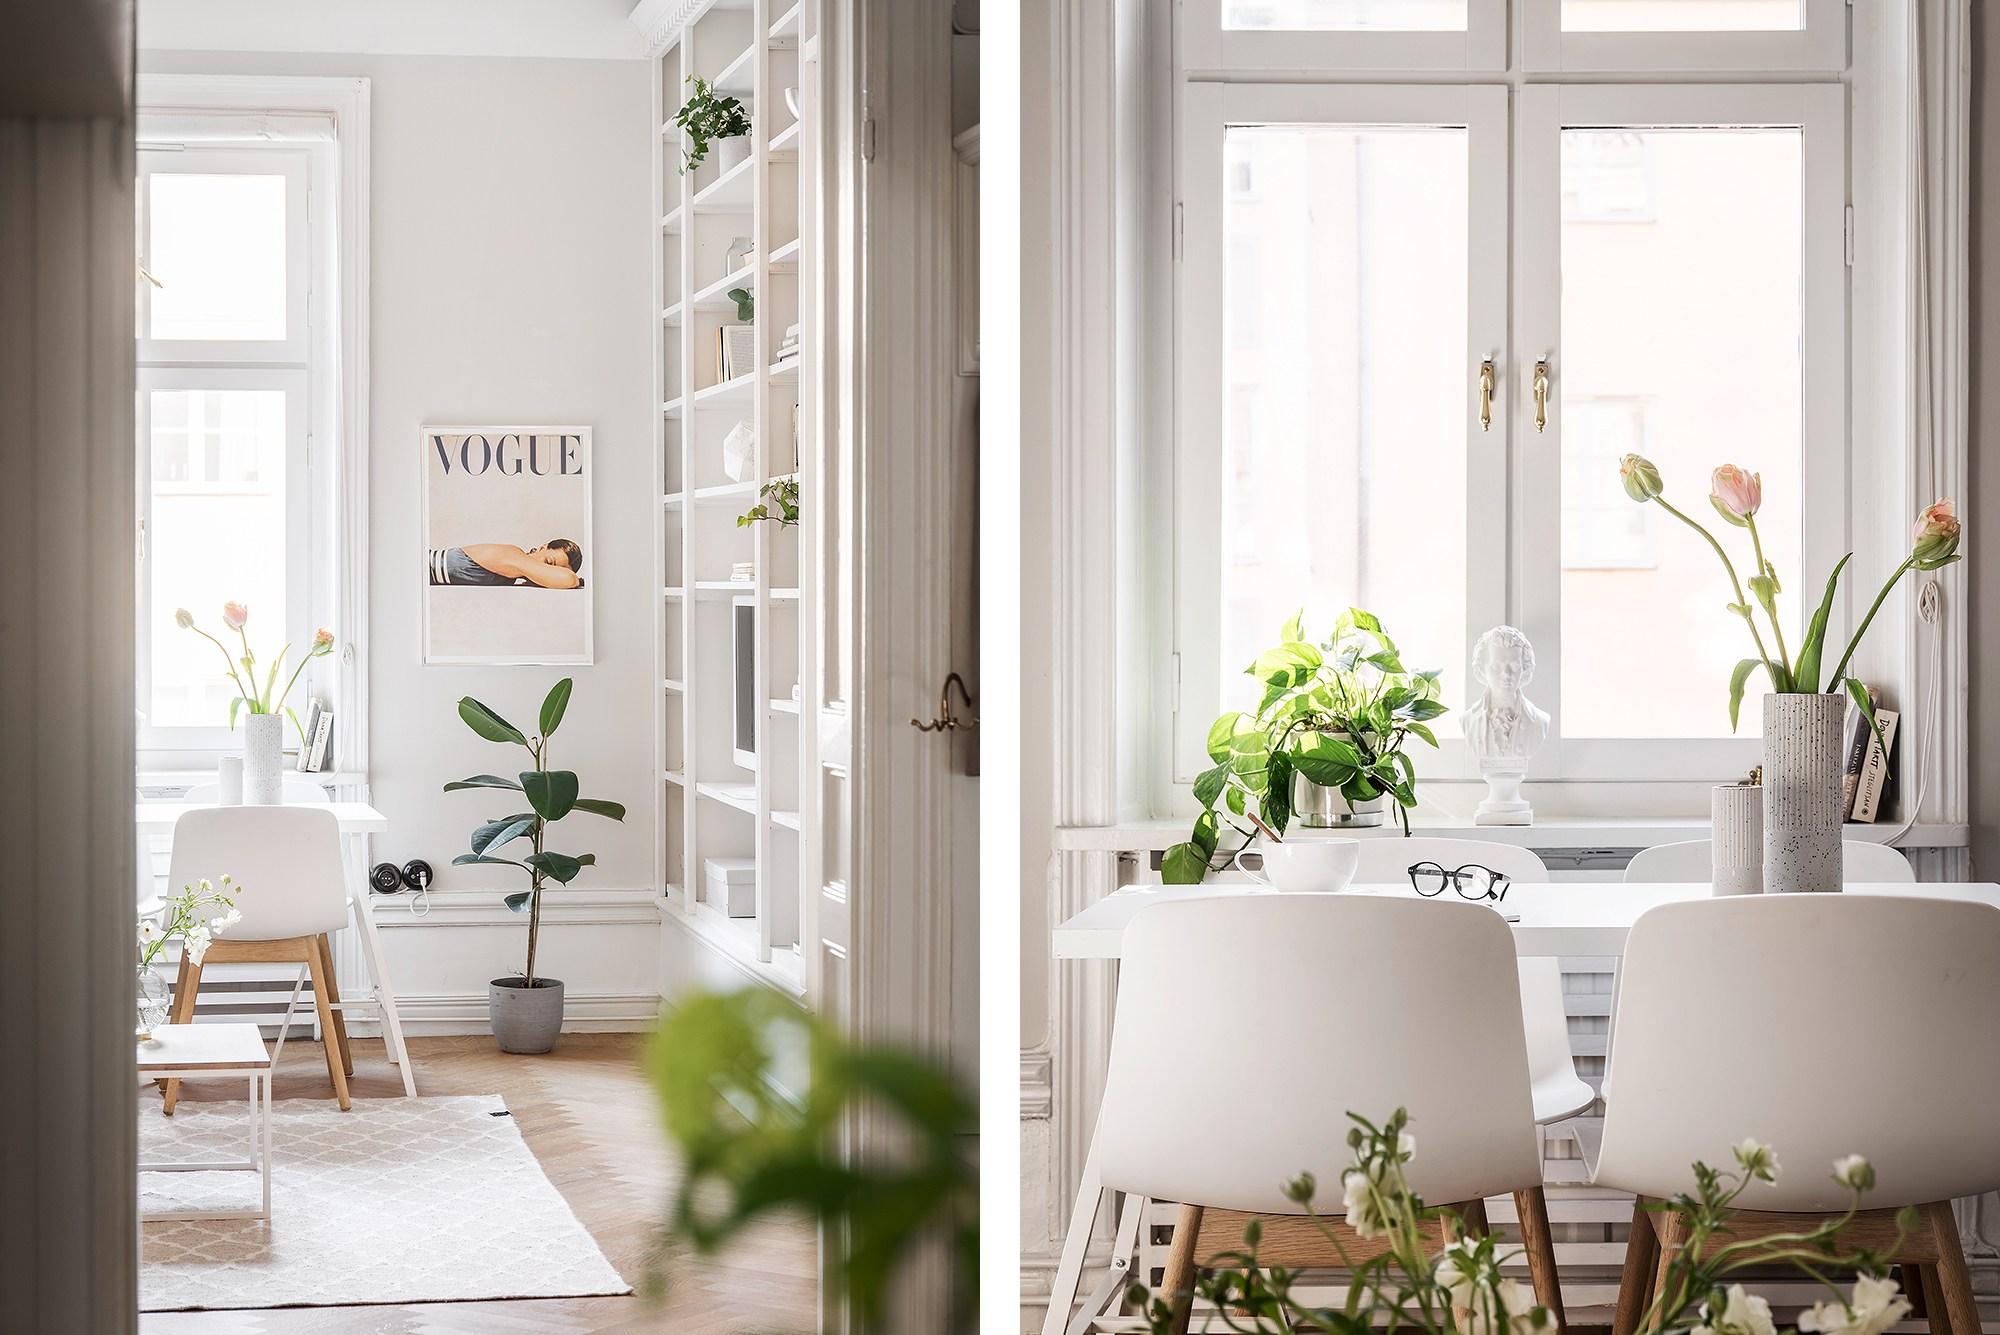 Los colores neutros para pintar mi casa interiores chic blog de decoraci n n rdica - Blogs de decoracion de interiores ...